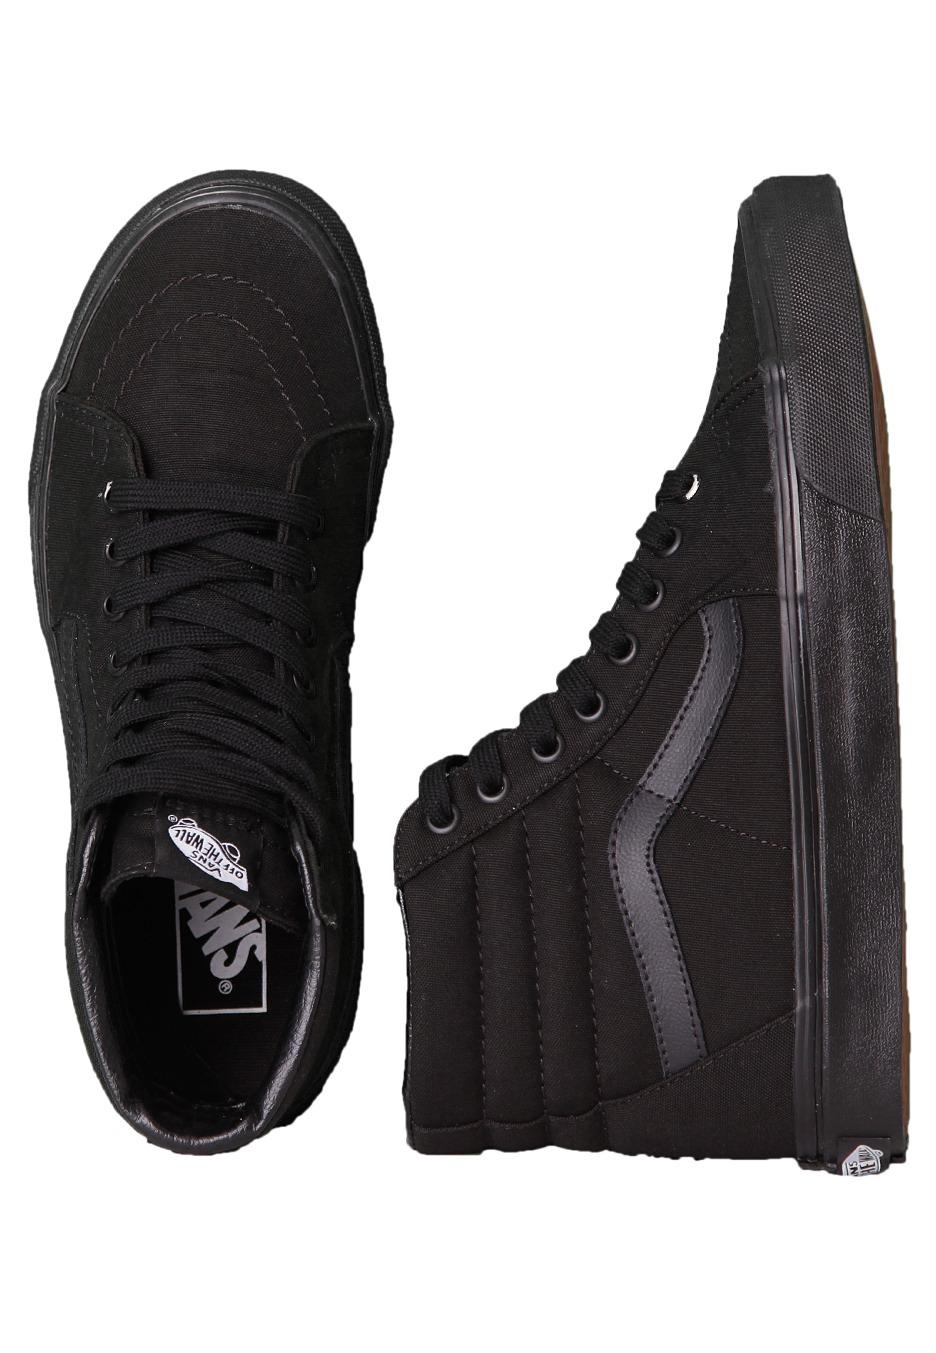 Vans Hi Sk8 All Black